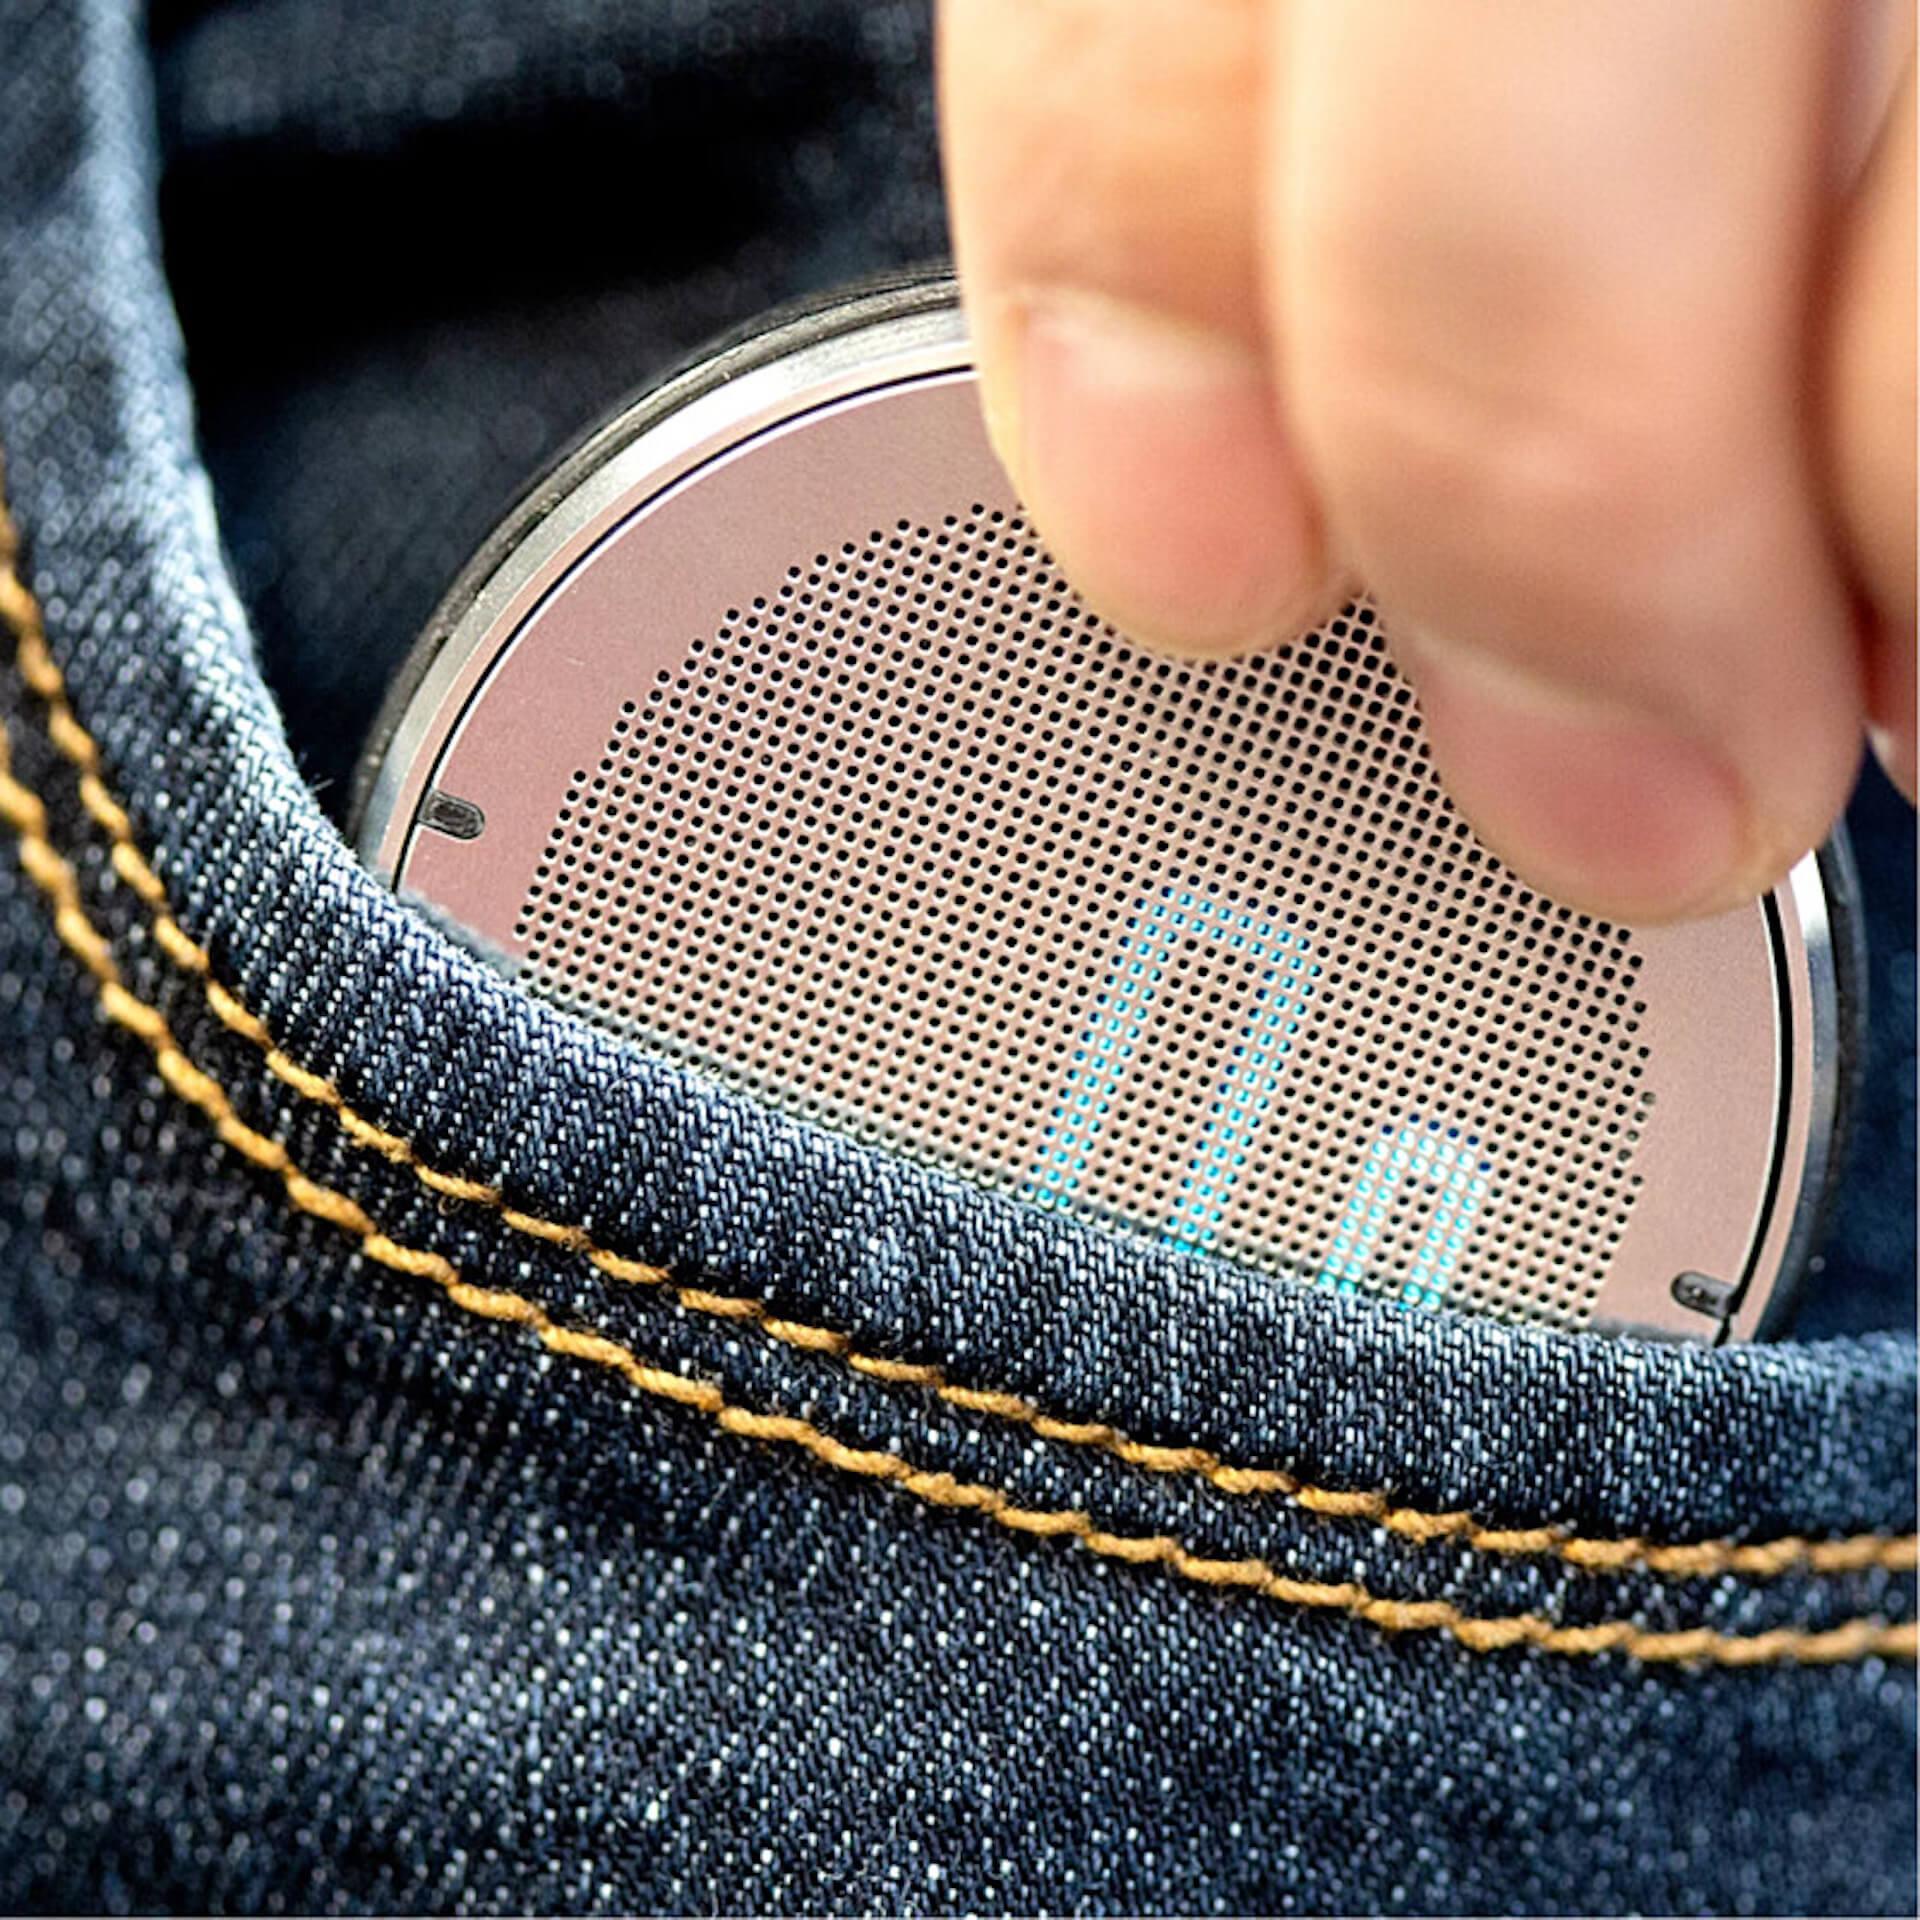 直径わずか5cm、転がすだけで立体物も計測できる!スマート巻尺「ROLLOVA」が登場 tech190903rollova_3